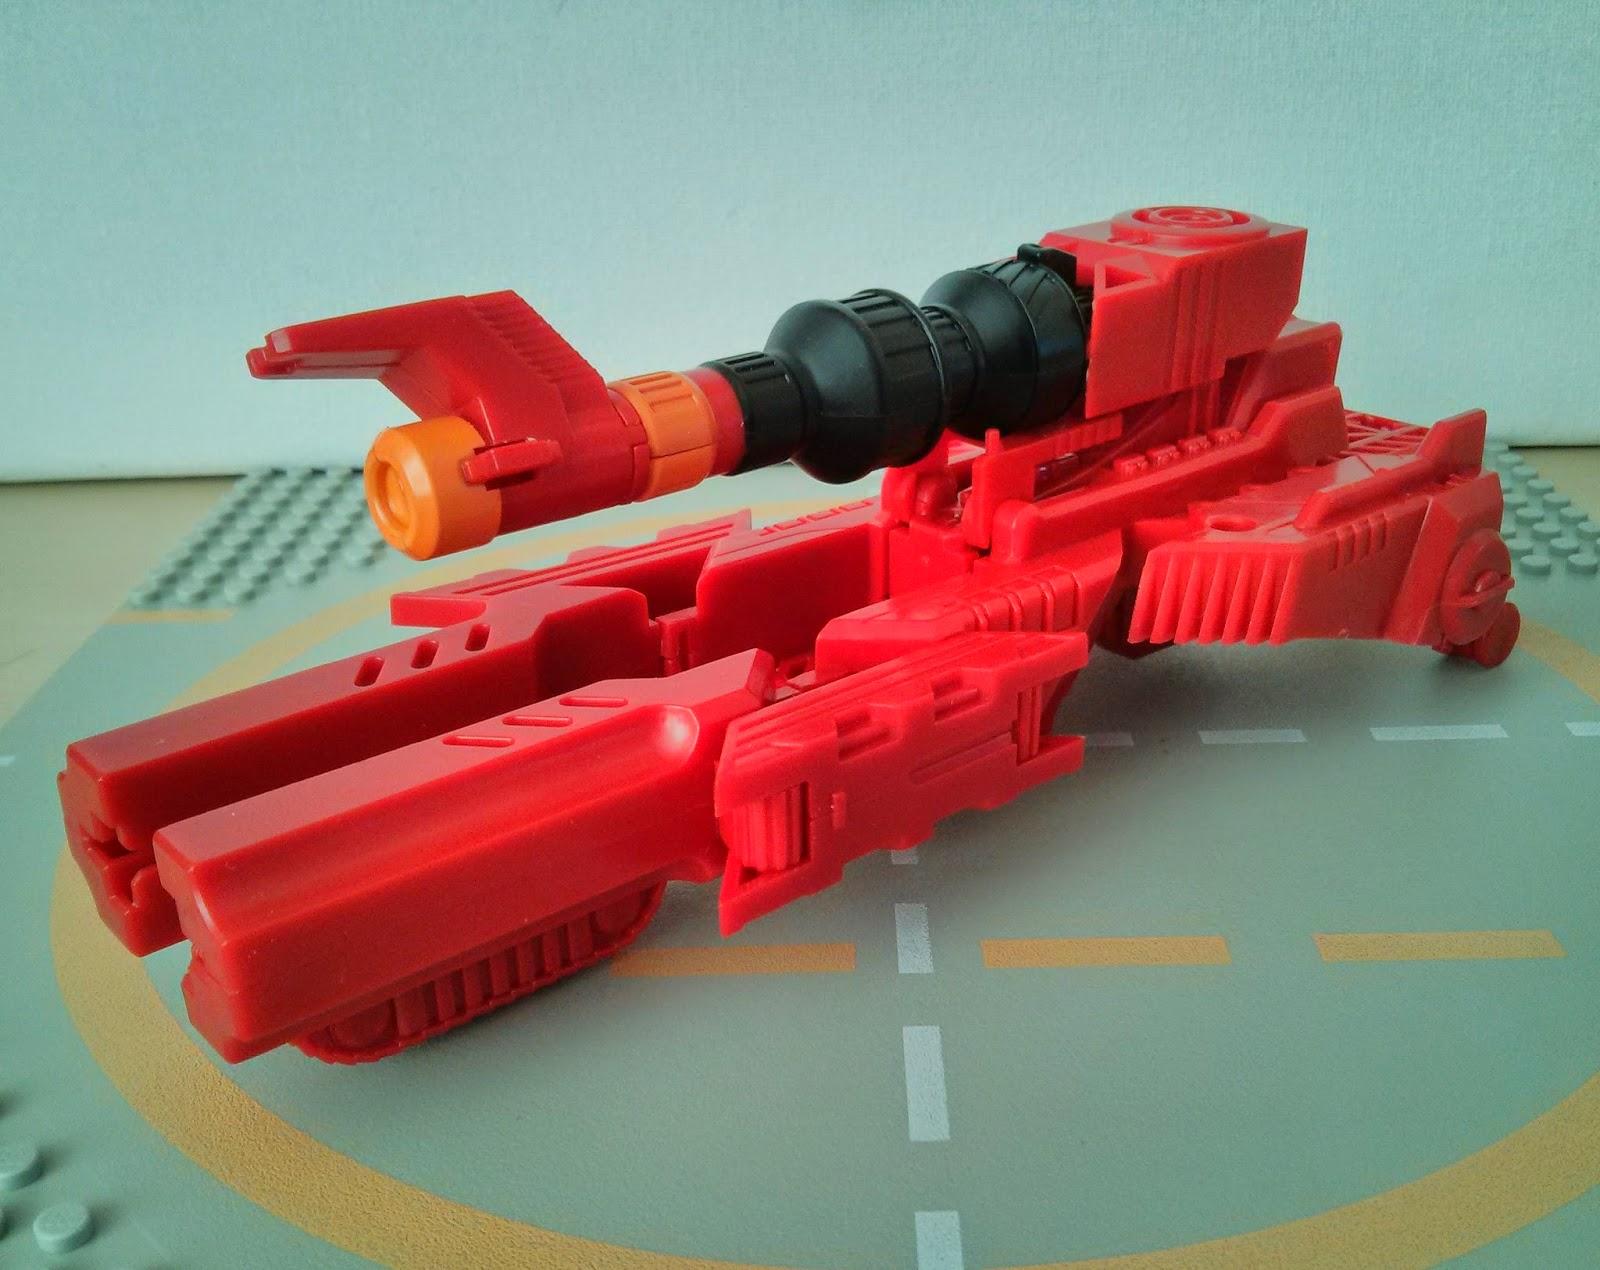 a red slammer?